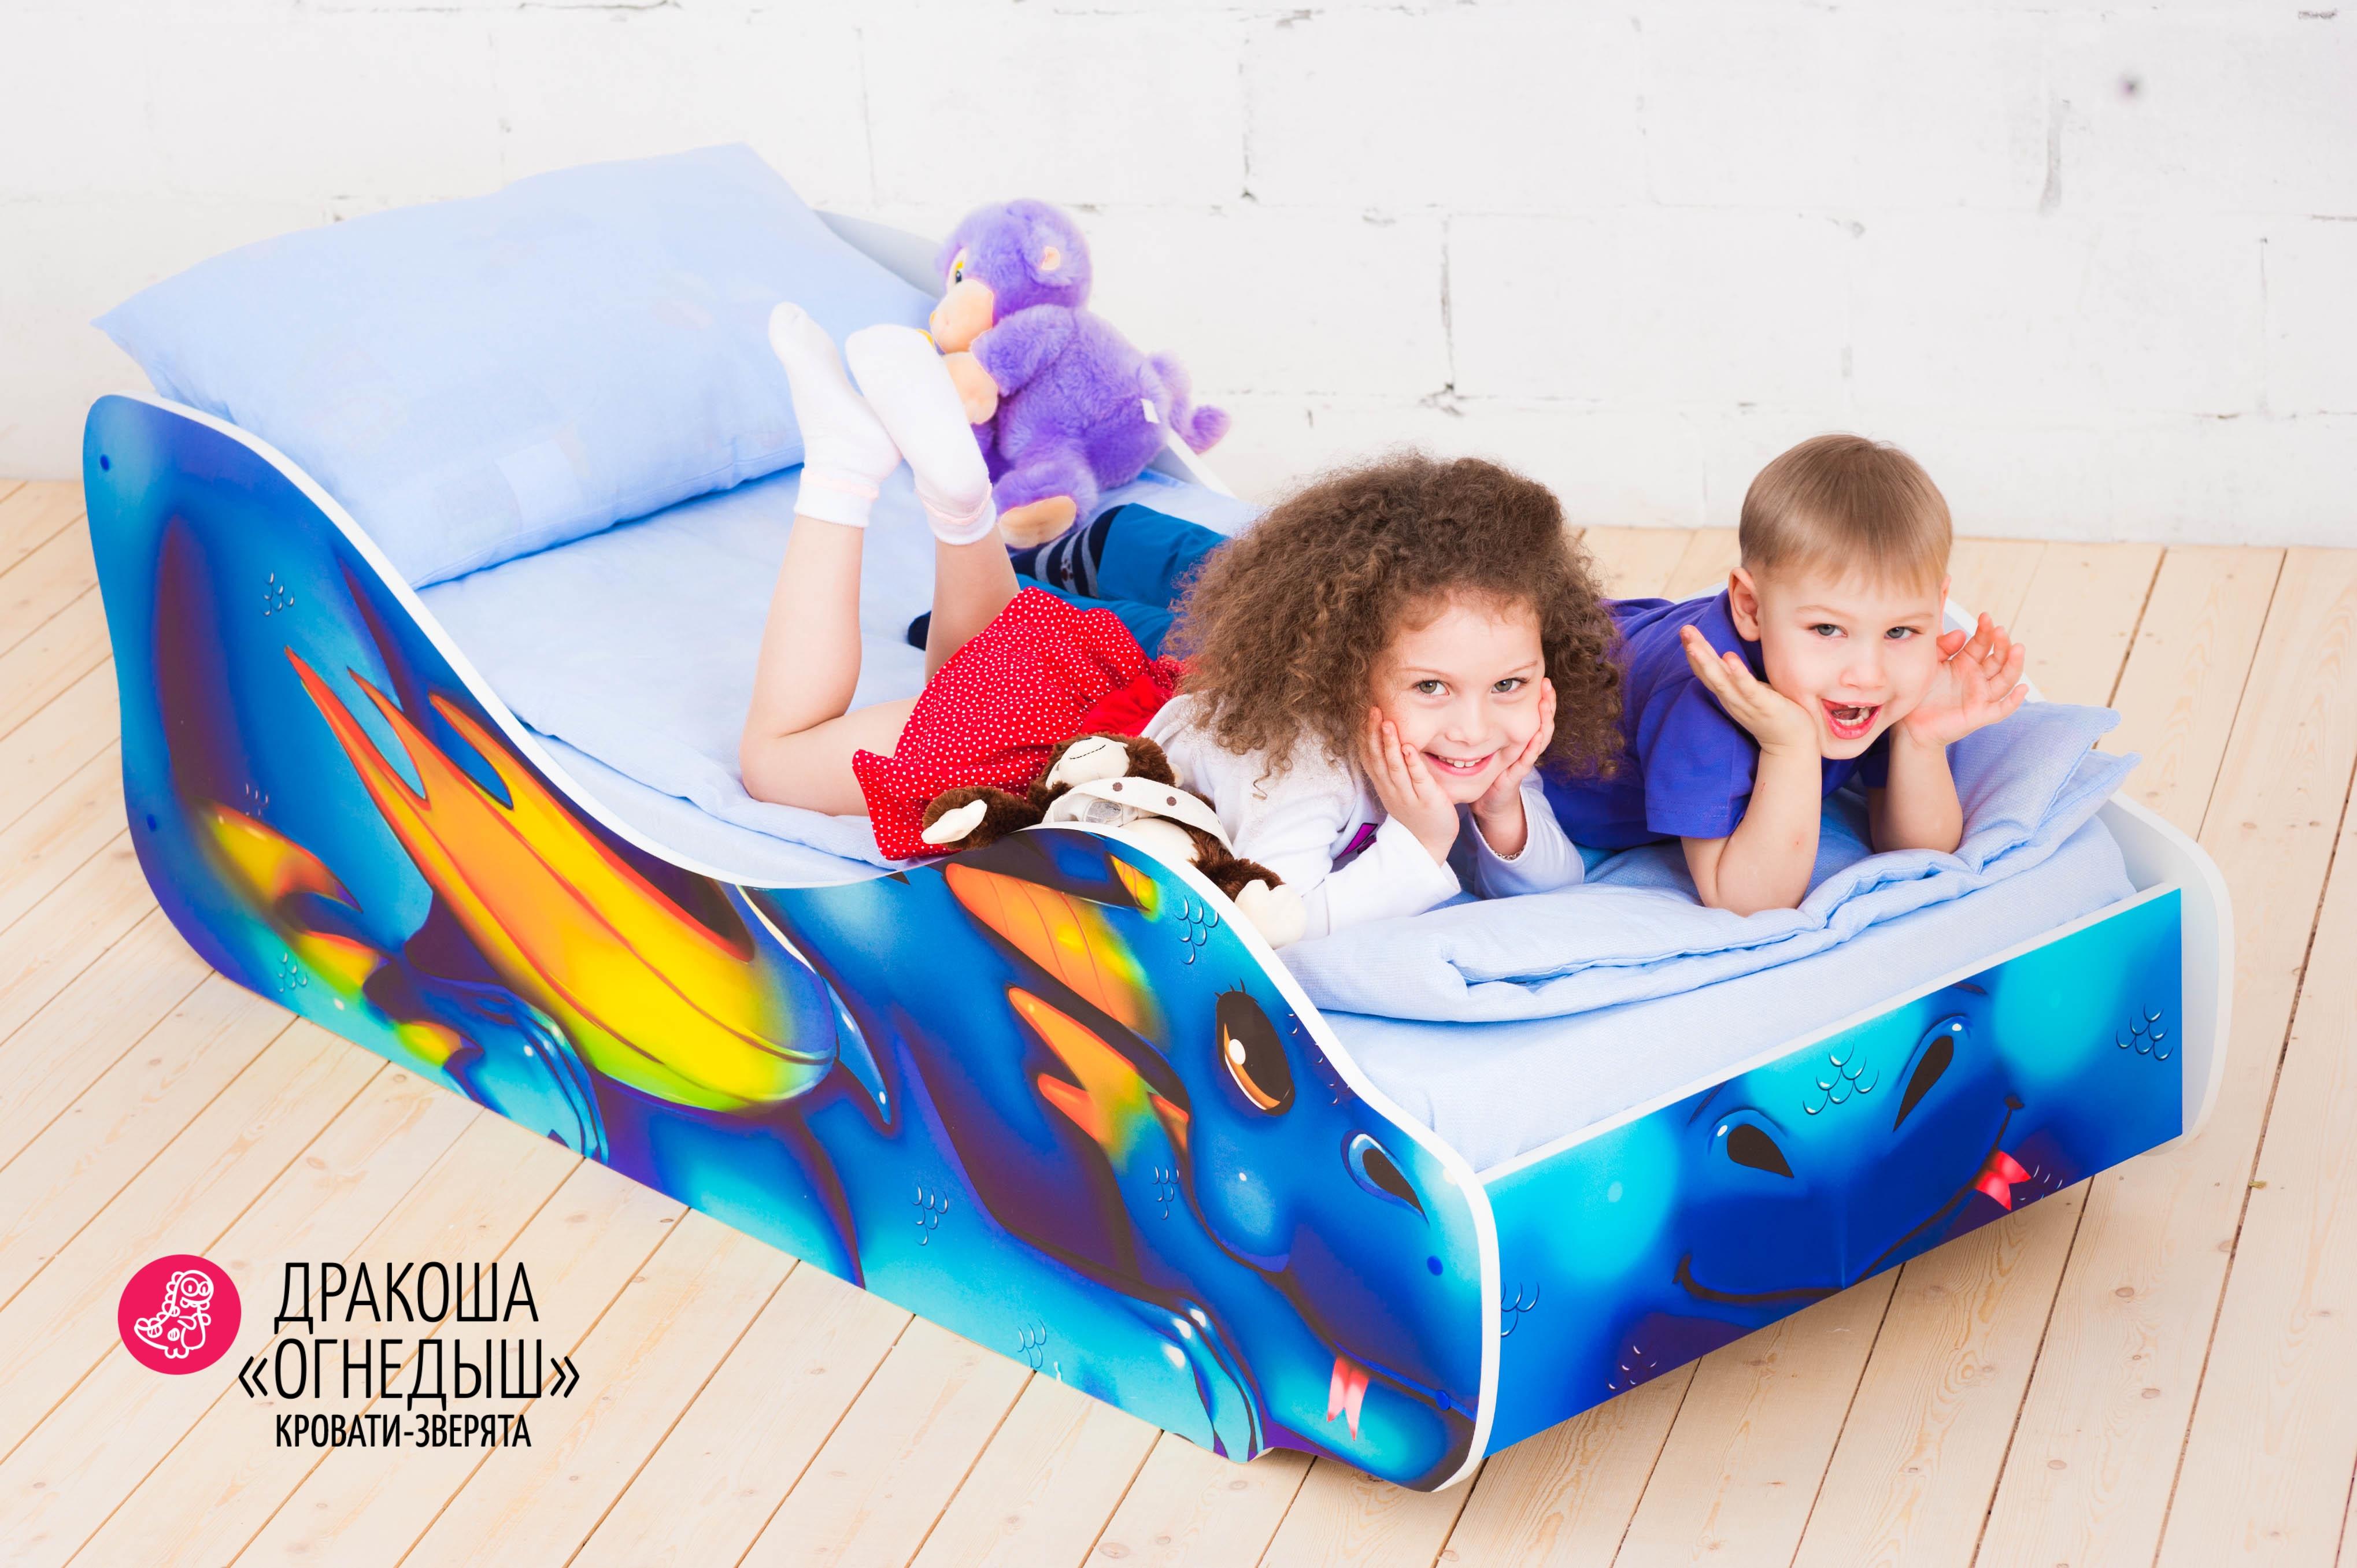 Детская кровать-зверенок -Дракоша-Огнедыш-11